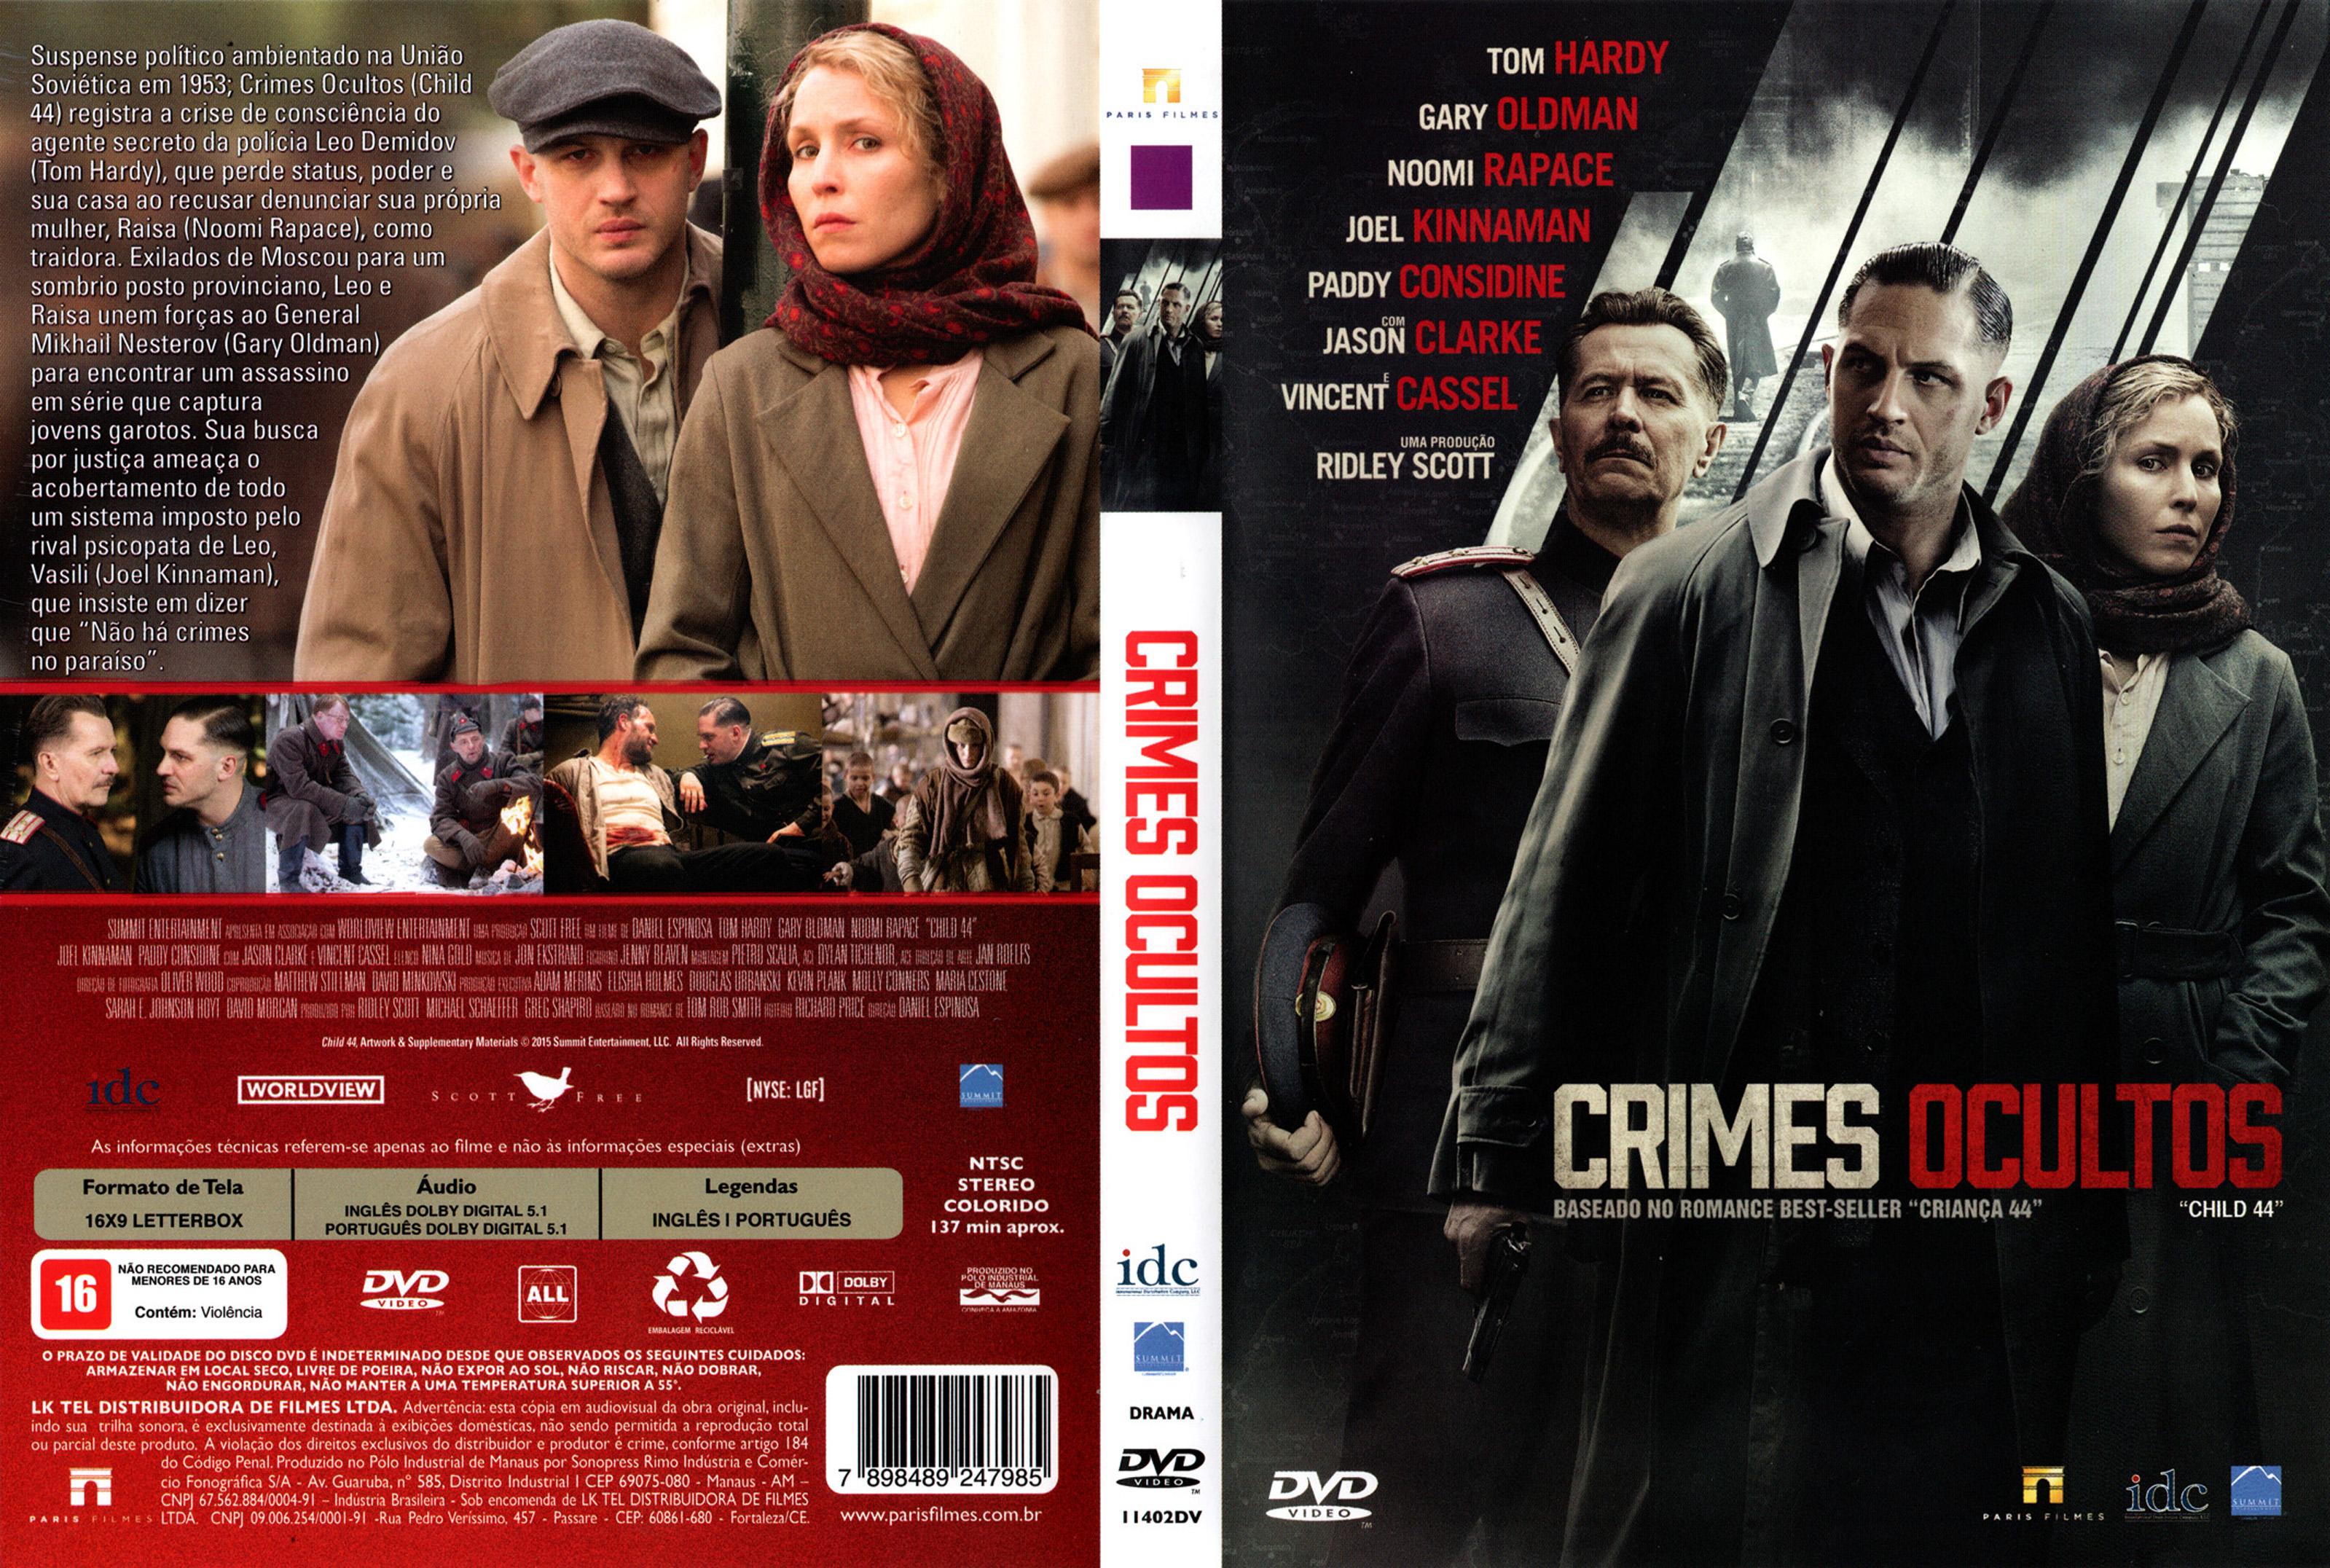 CrimesOcultos